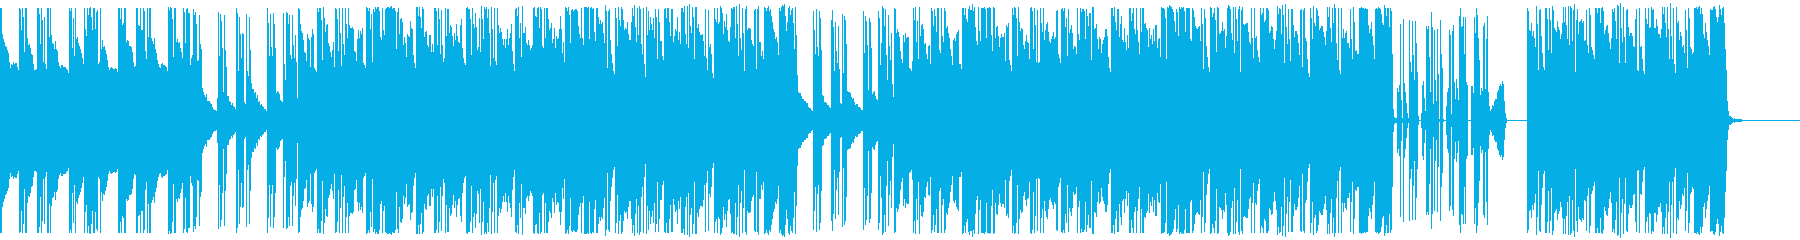 ヒップホップ/超重バス/トラップ#2の再生済みの波形